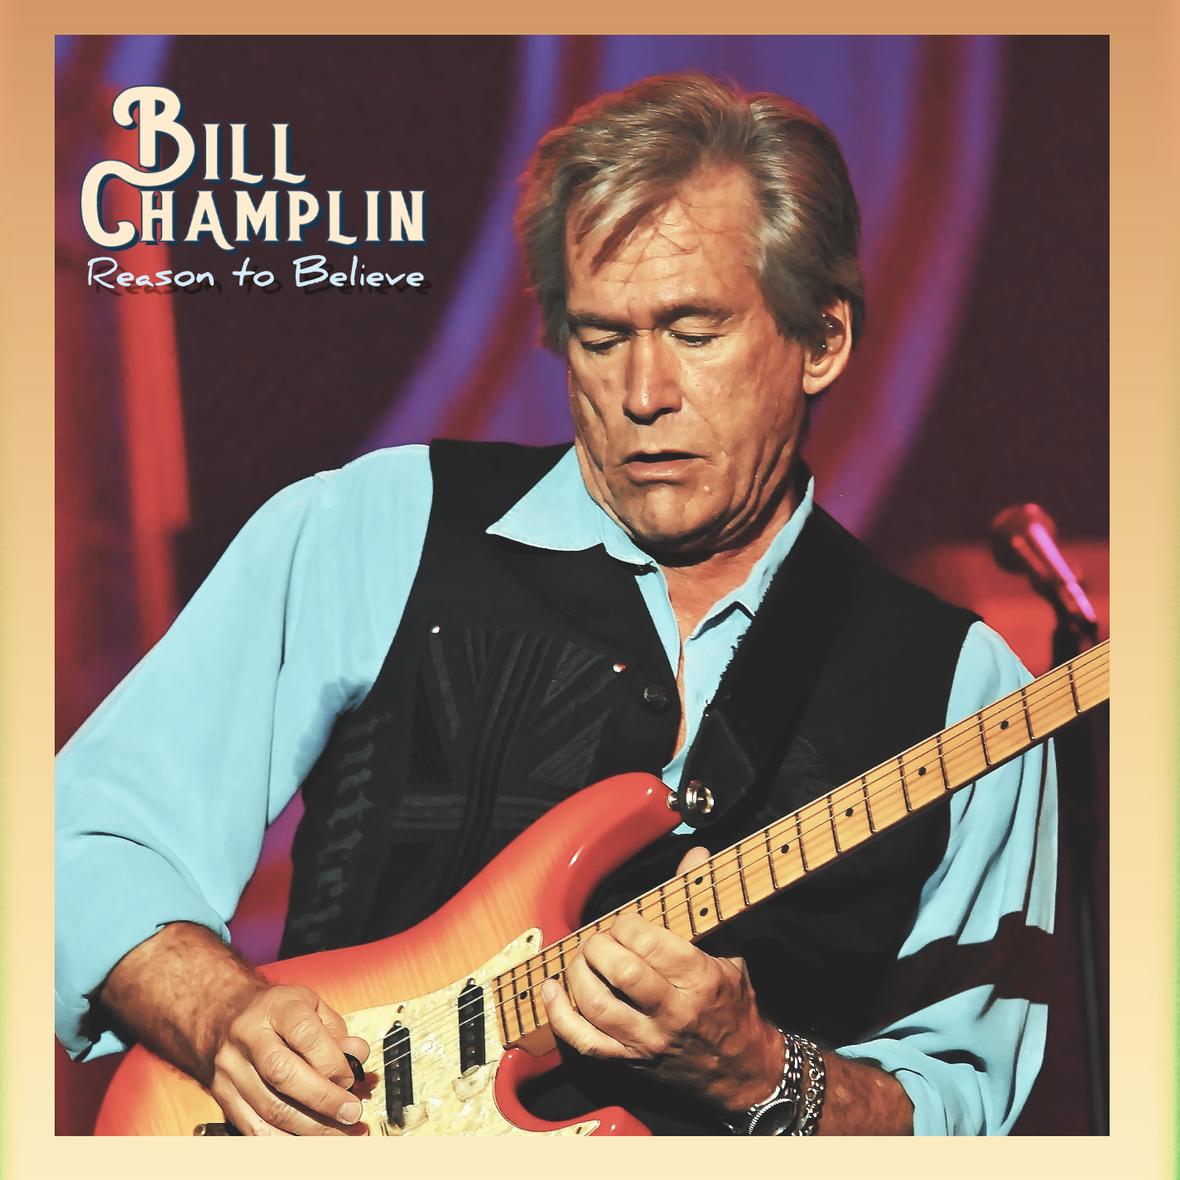 Bill Champlin - Reason to Believe 1